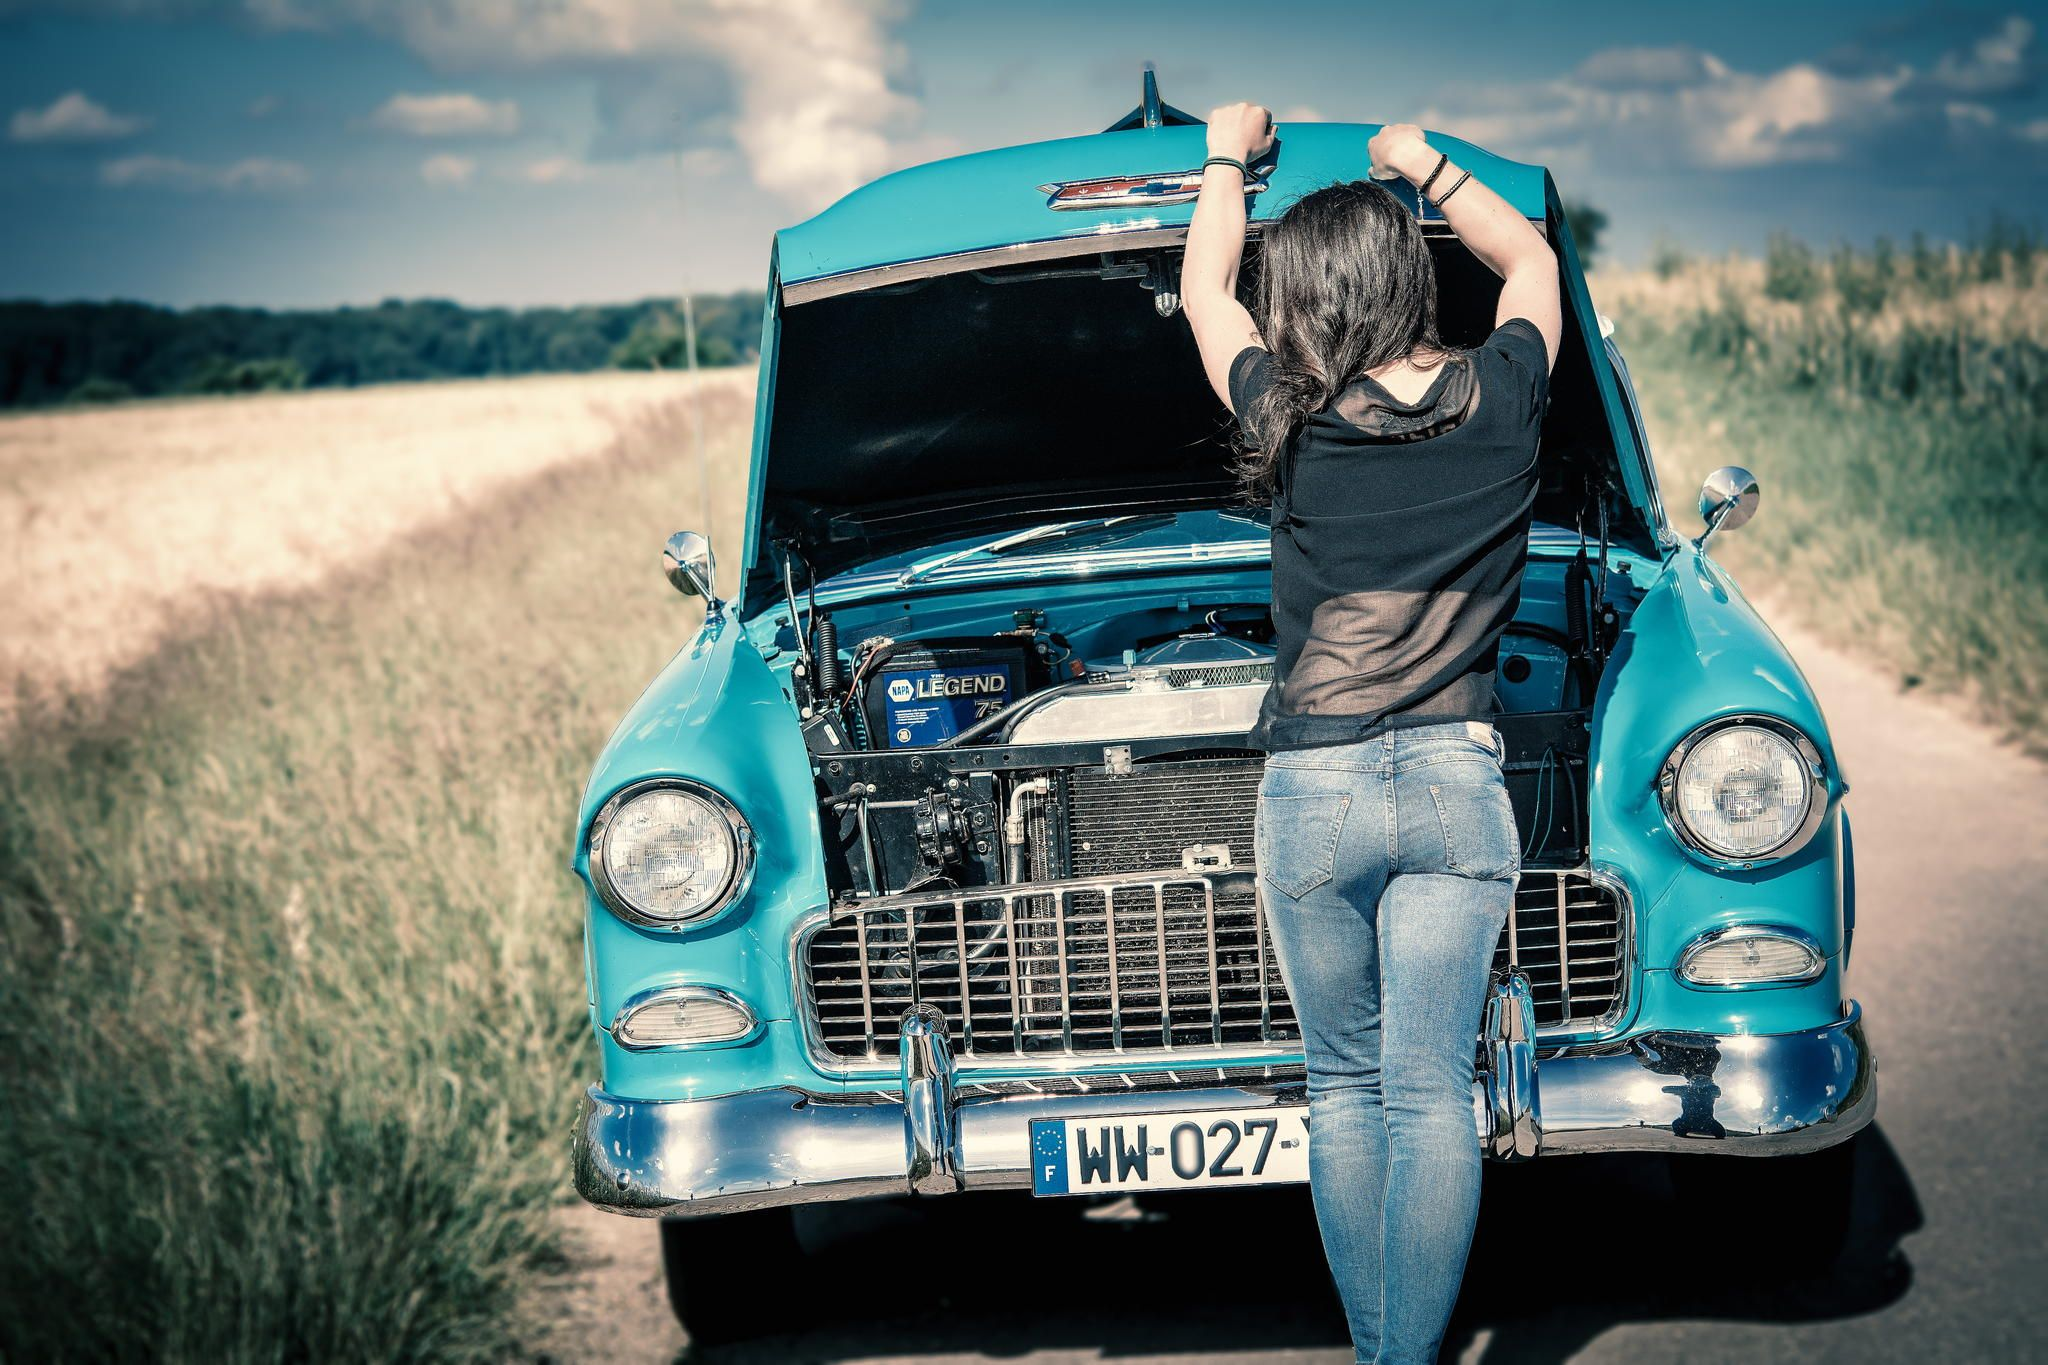 ღღ Classic Cars and classy Girls by Jean Claude Castor on